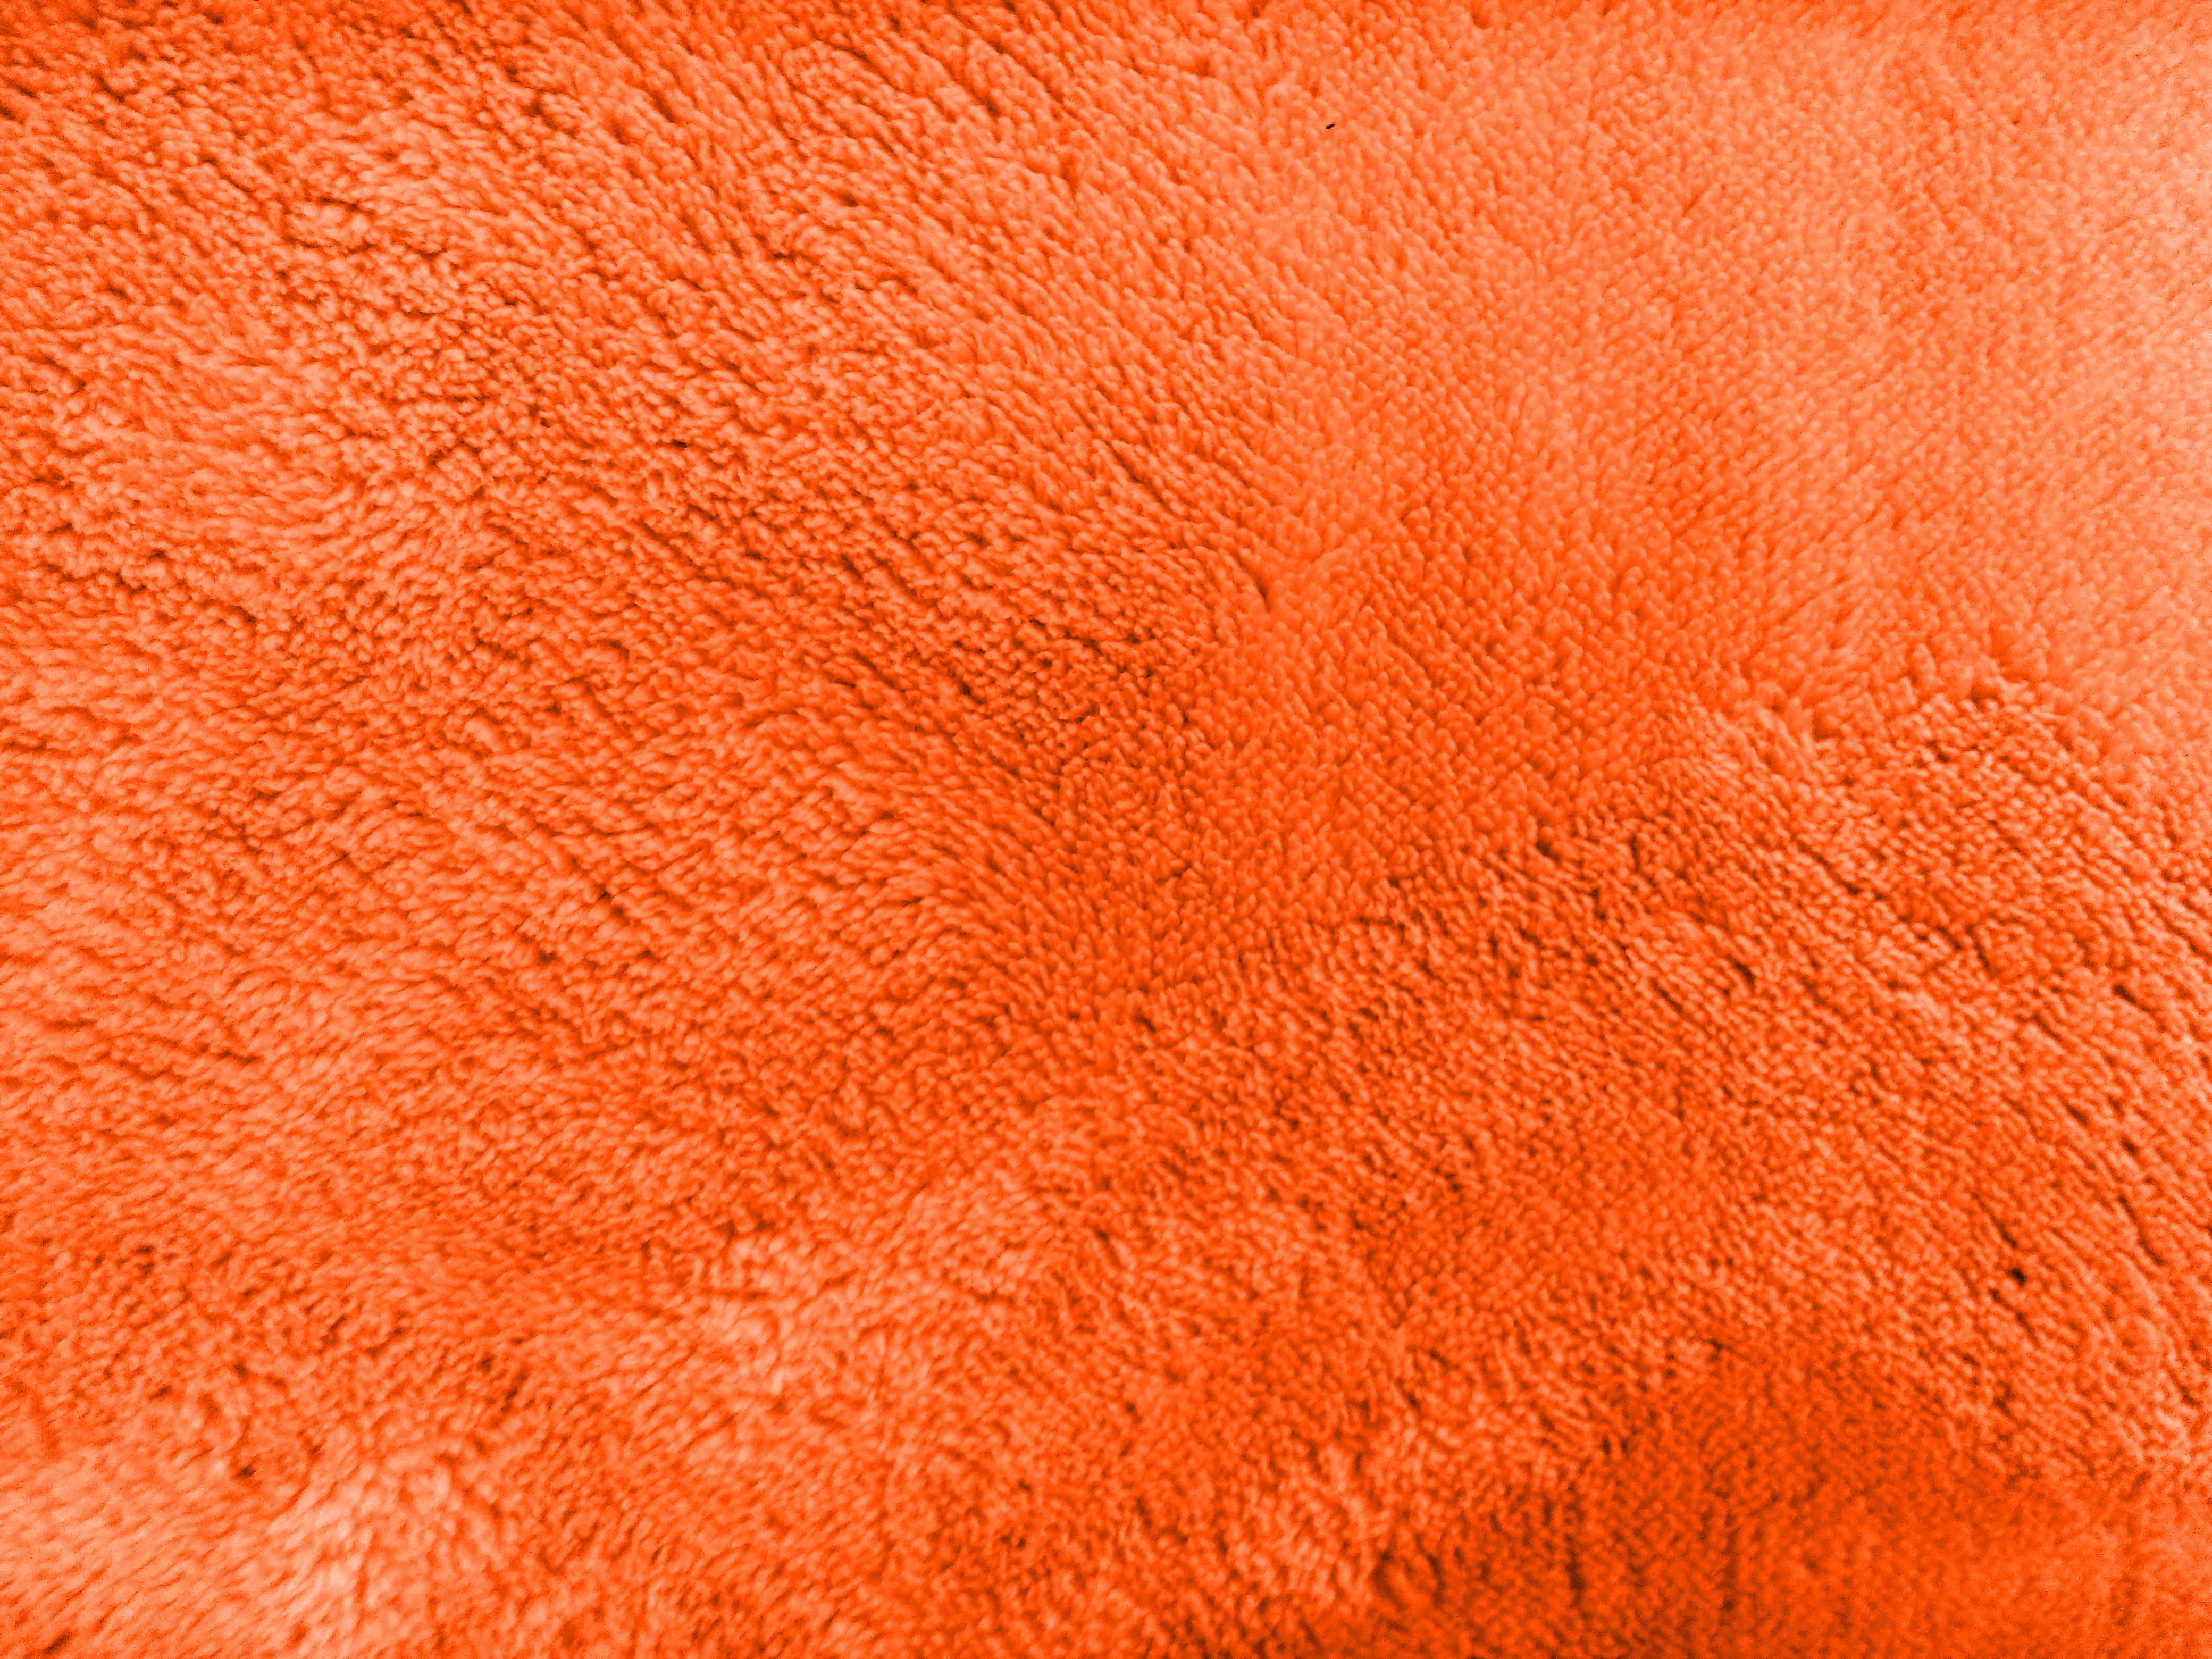 Plush Orange Bathmat Texture Picture Free Photograph